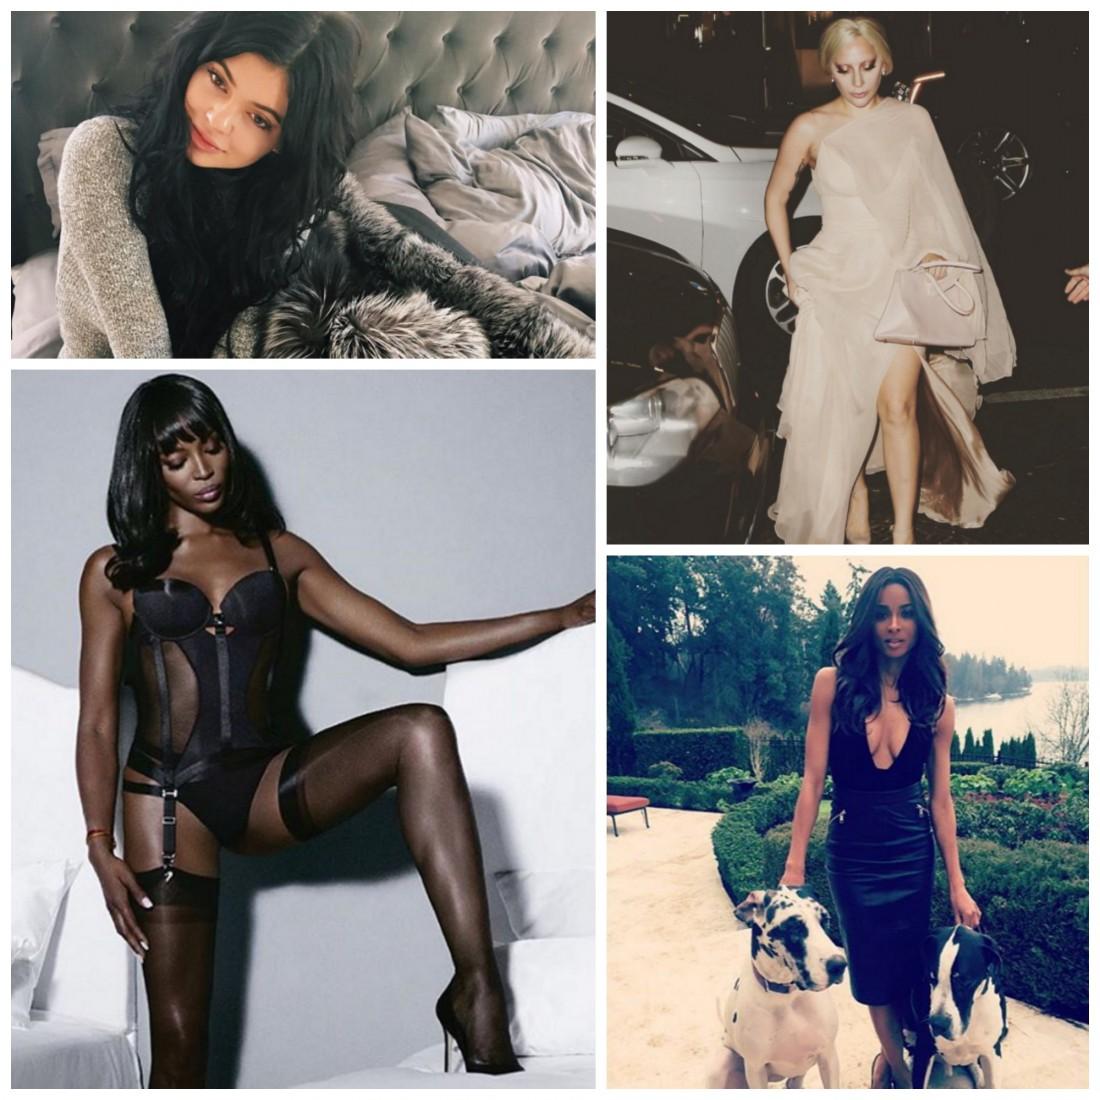 Самые яркие снимки звезд из Instagram